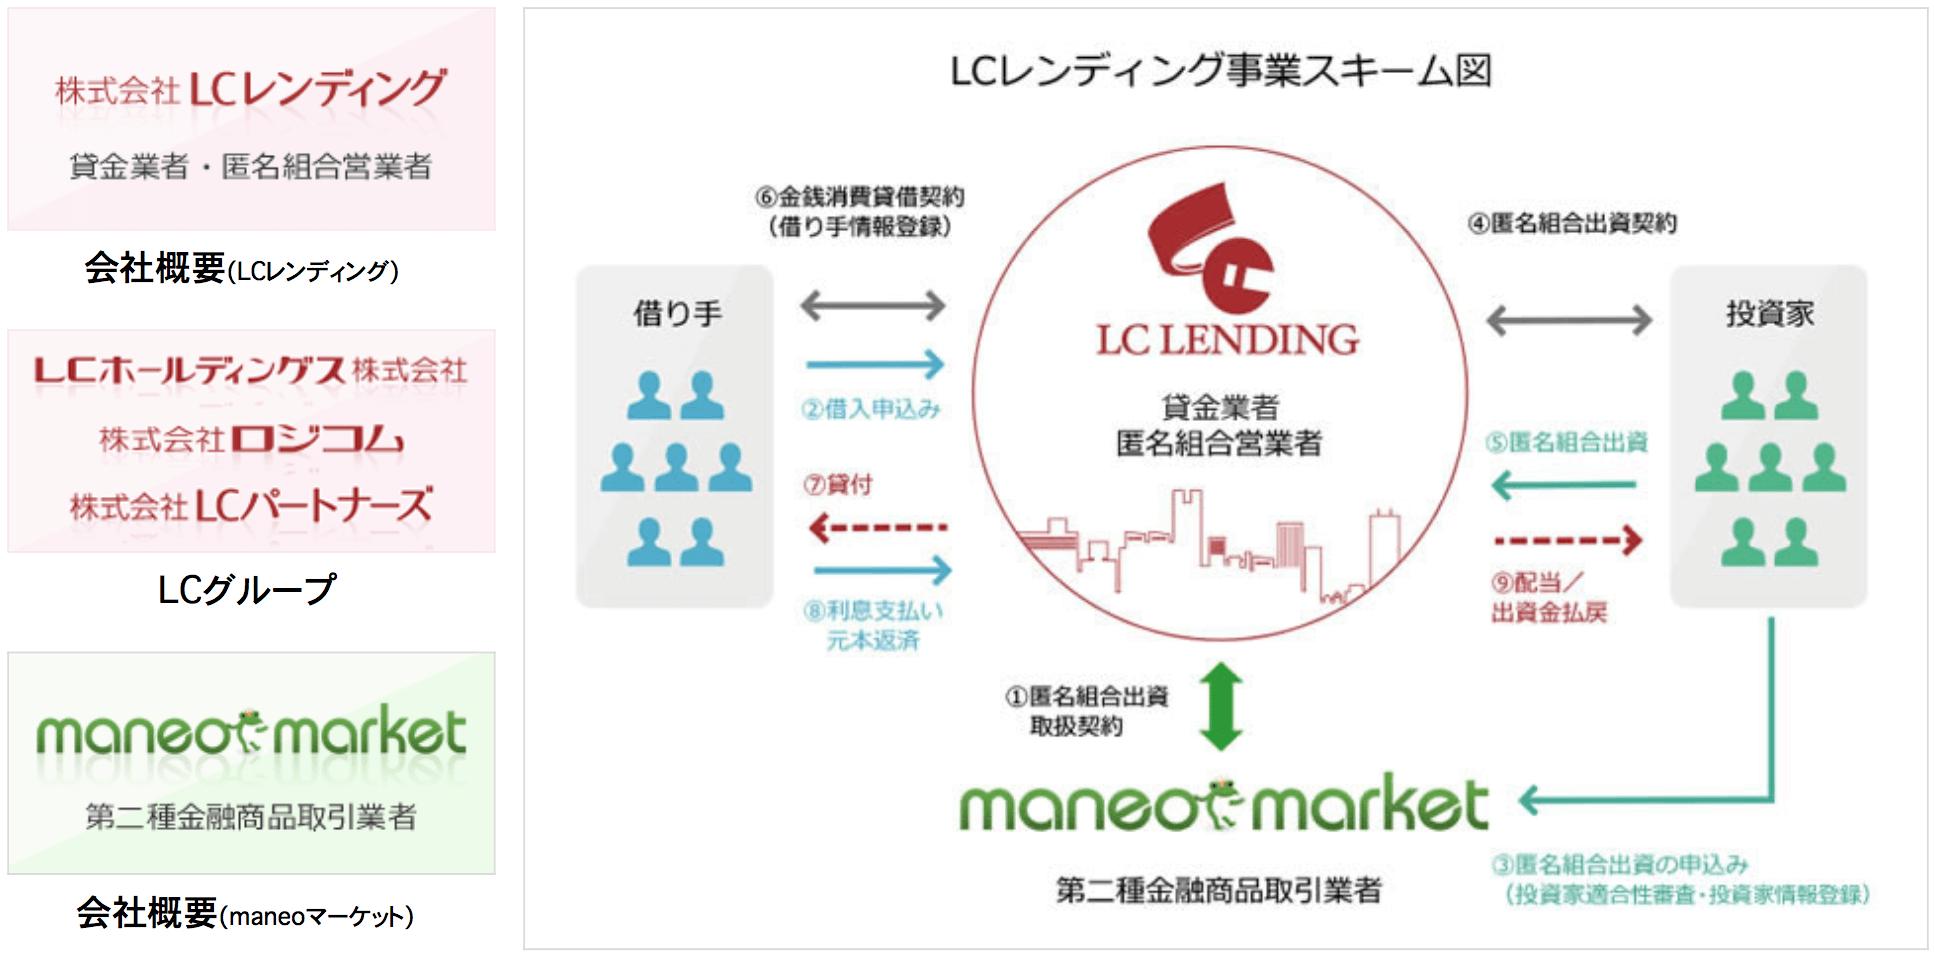 LCレンディング事業スキーム図